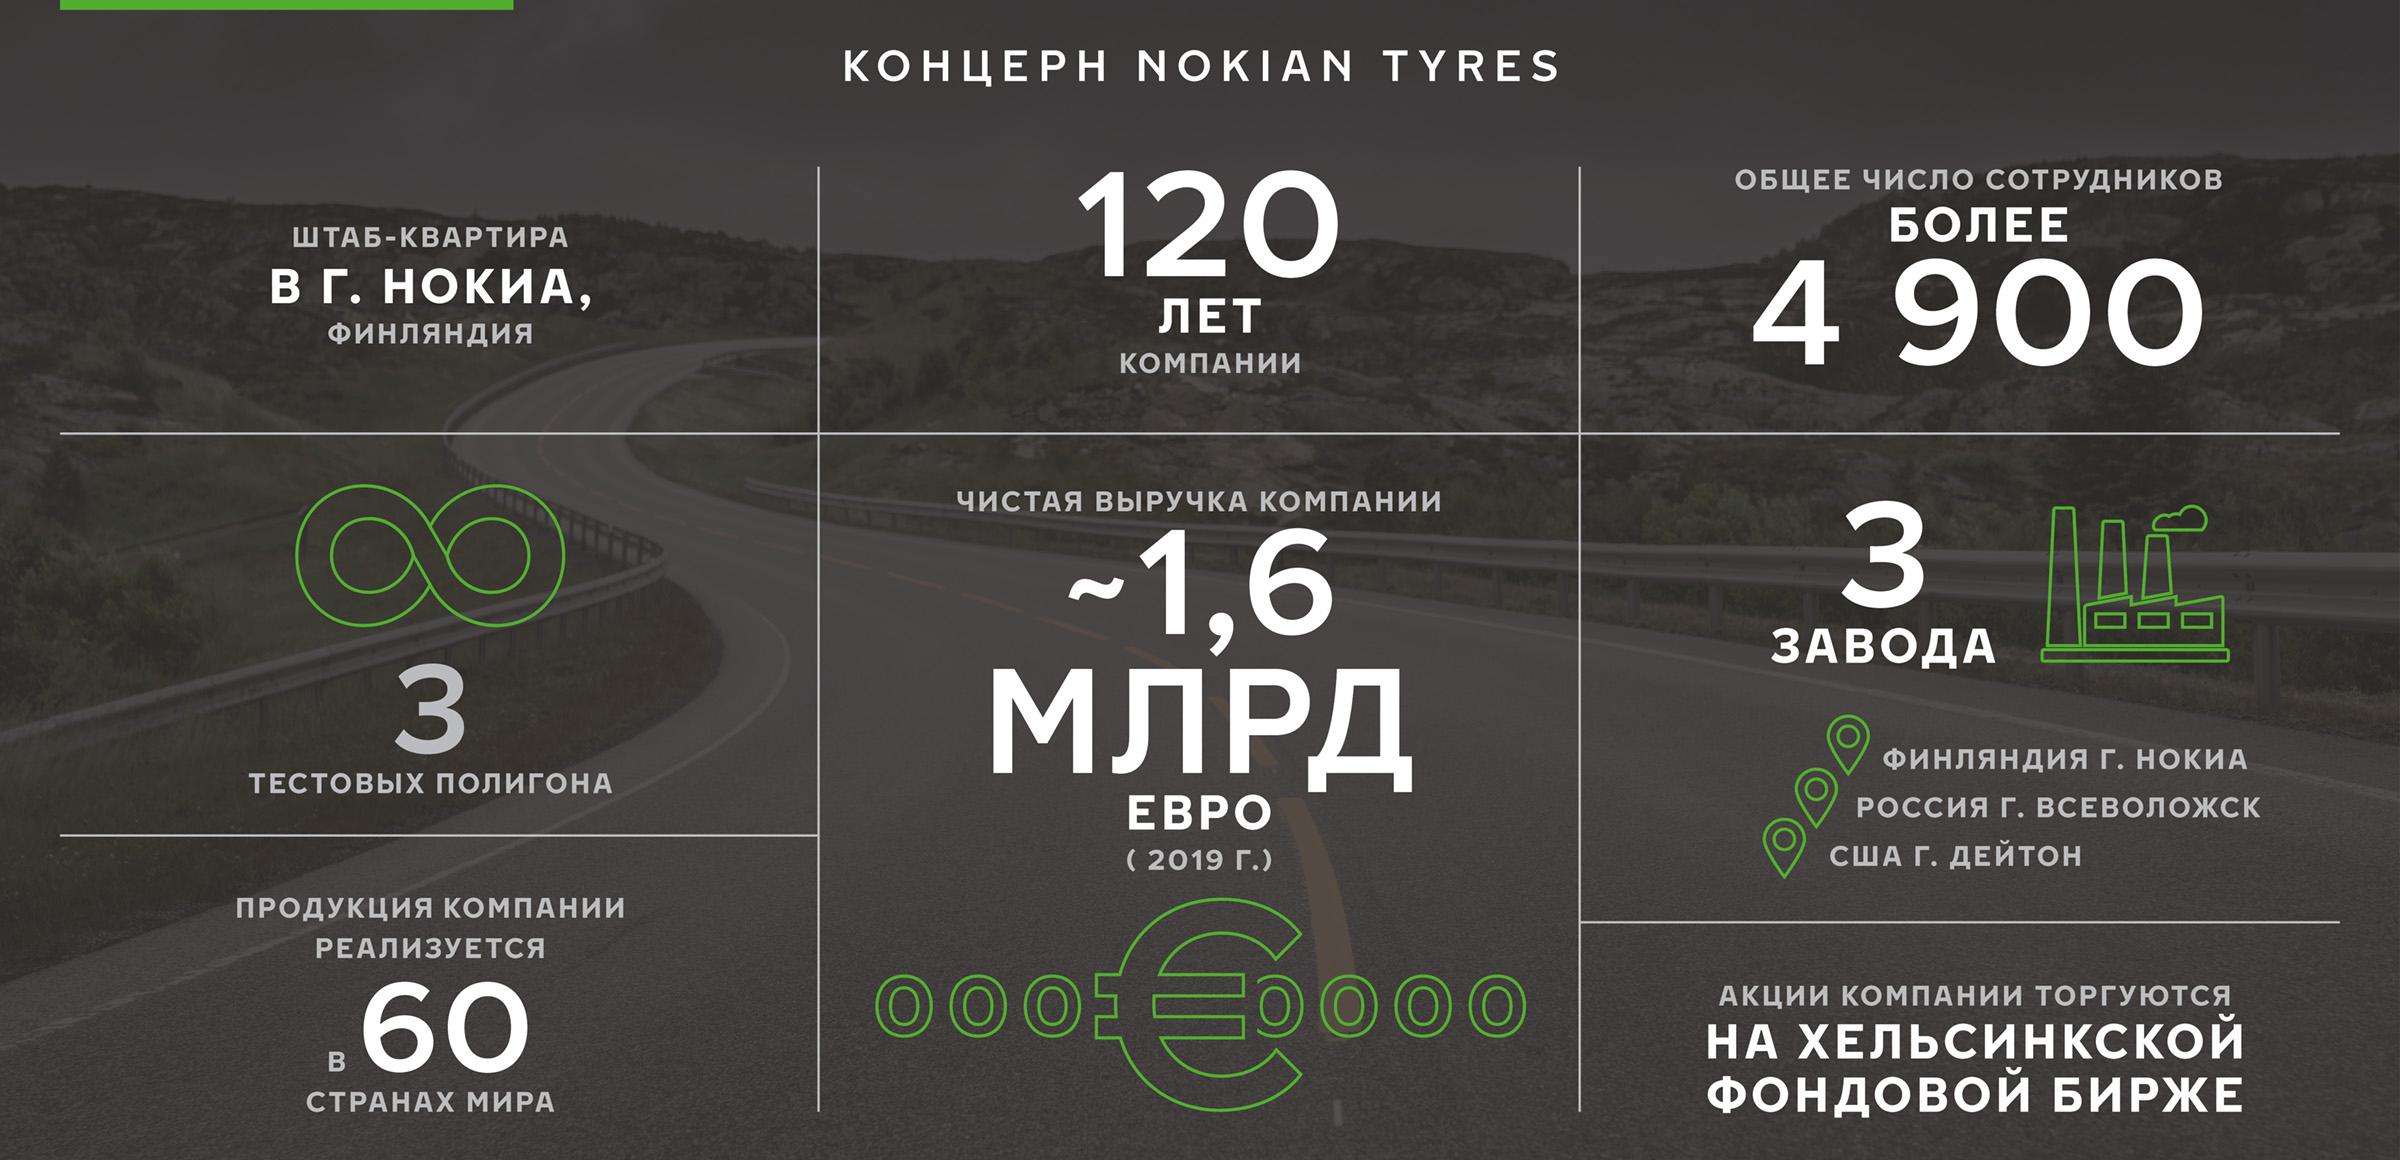 Nokian Tyres в цифрах